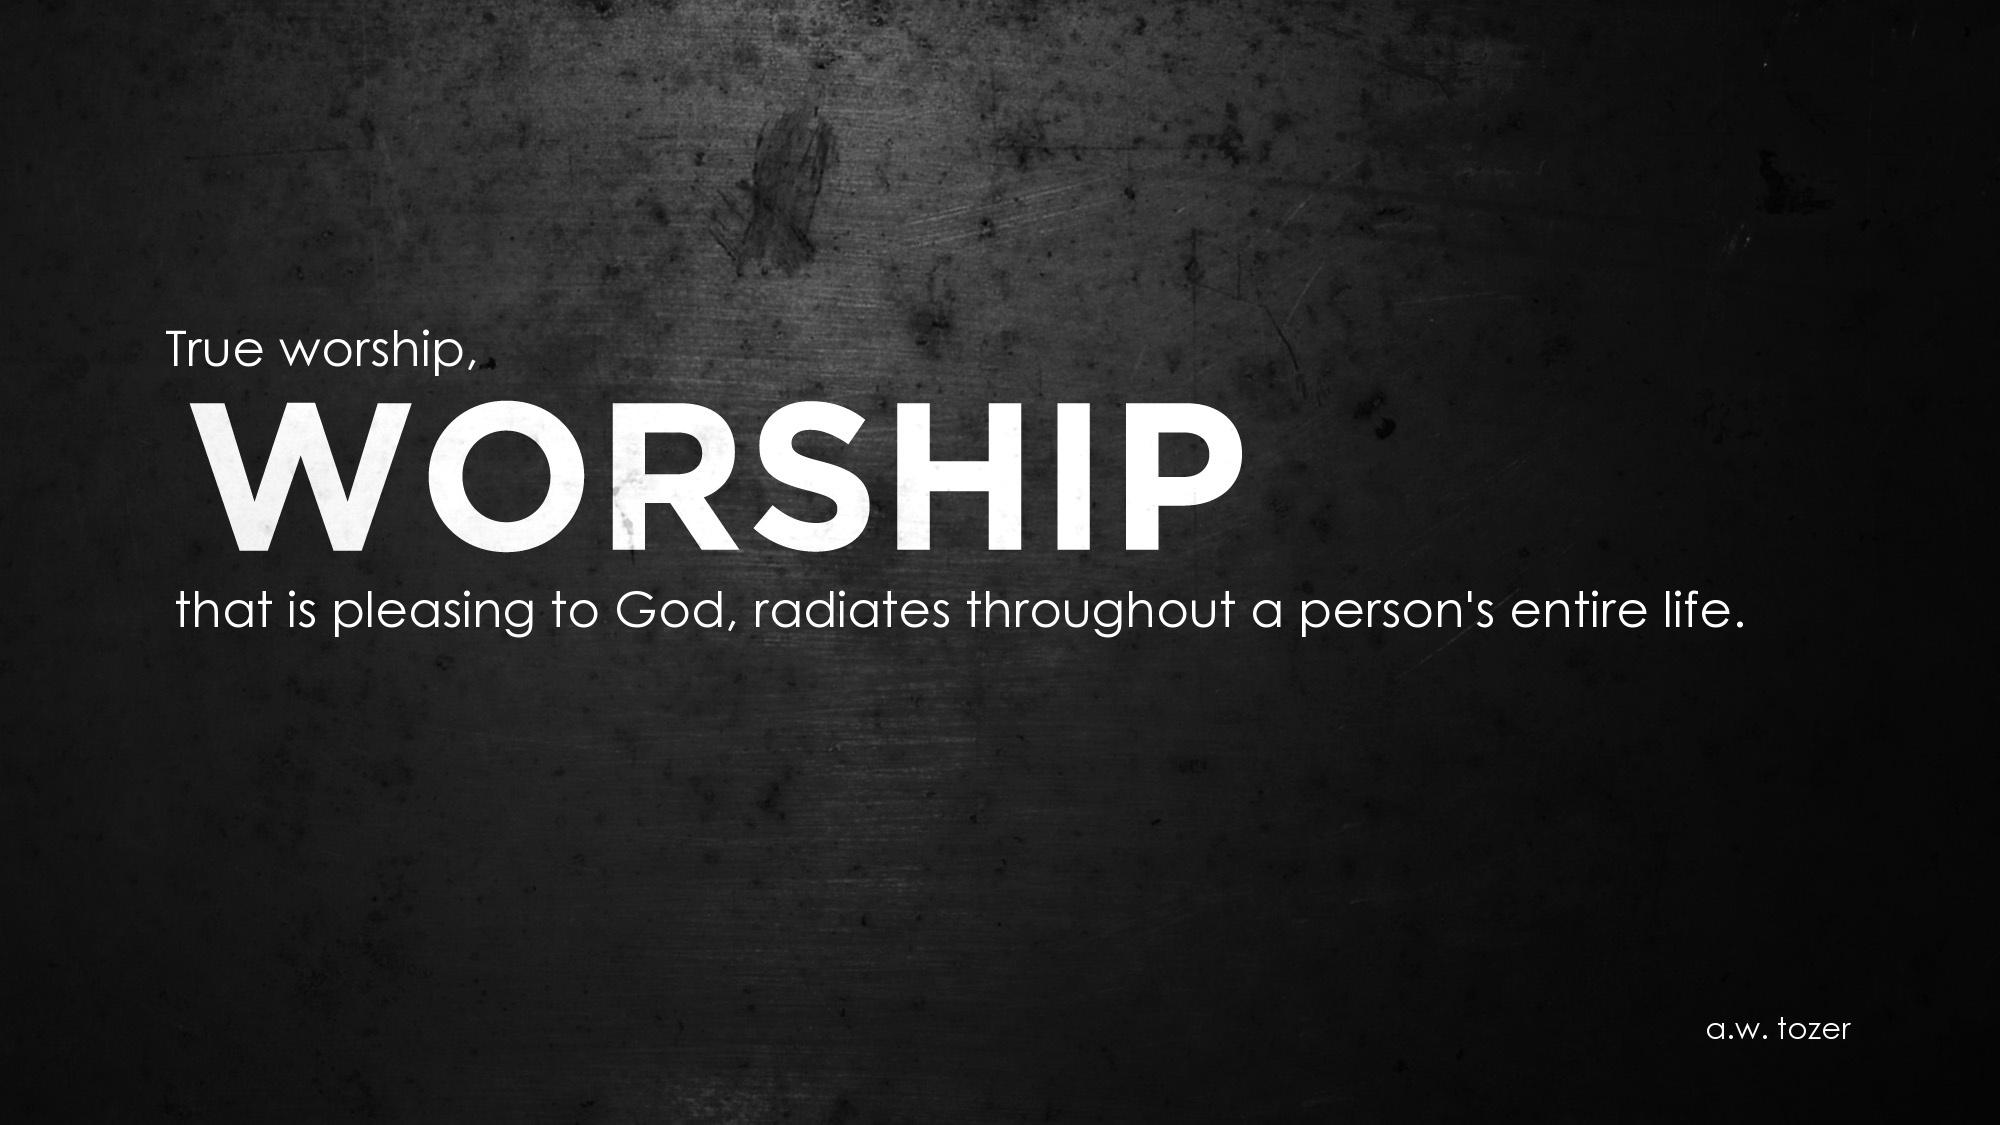 Worship quote #1